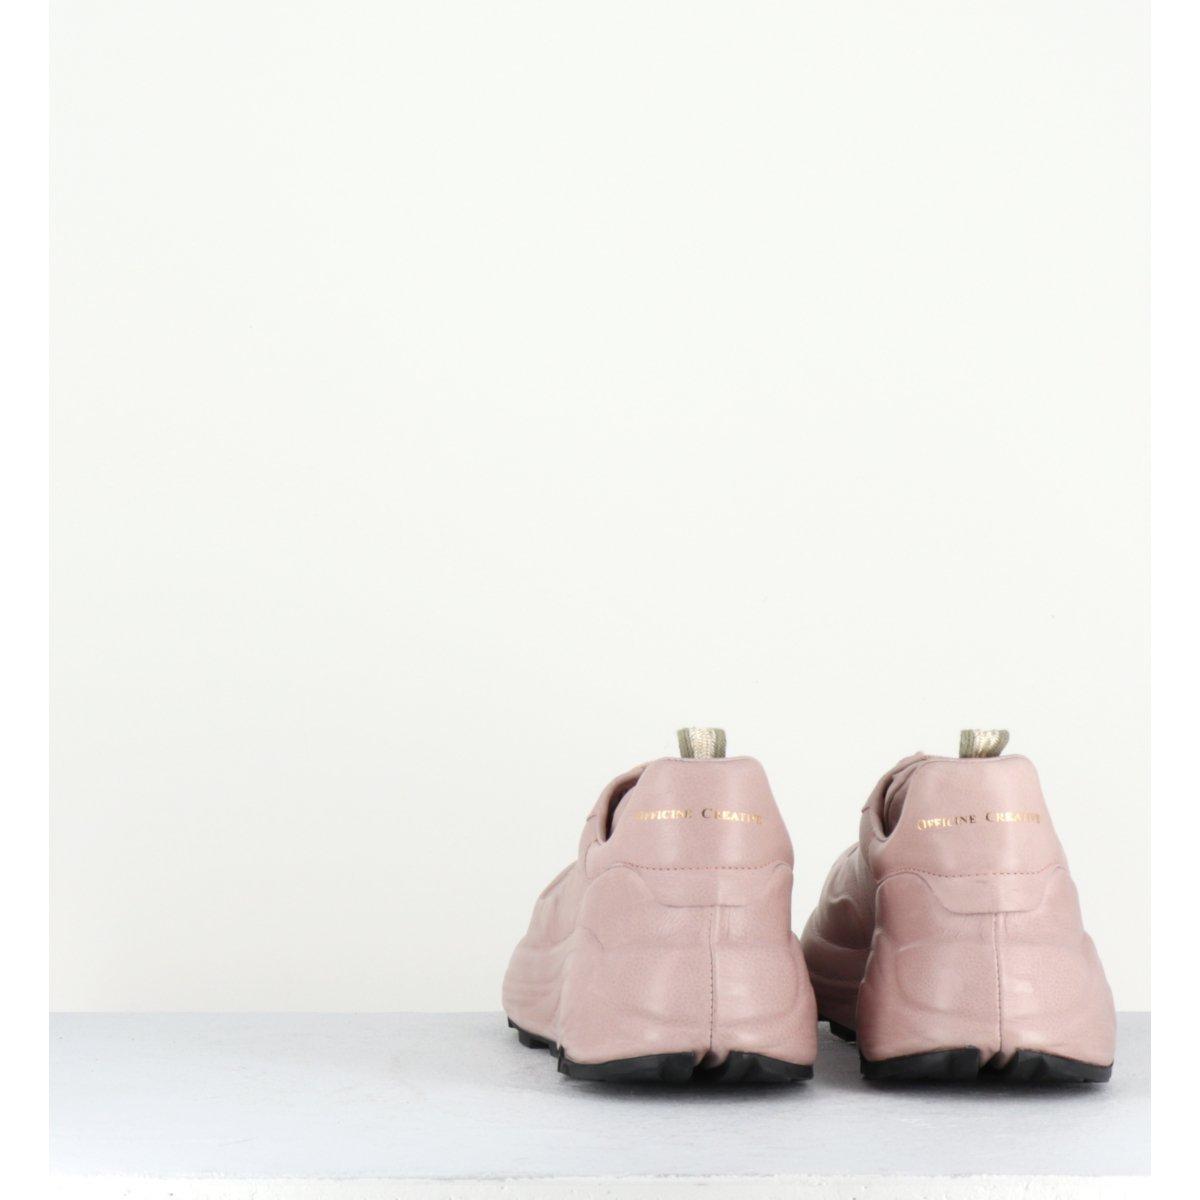 Baskets à semelles épaisses en cuir rose nude Officine Creative - SPHYKE 101R